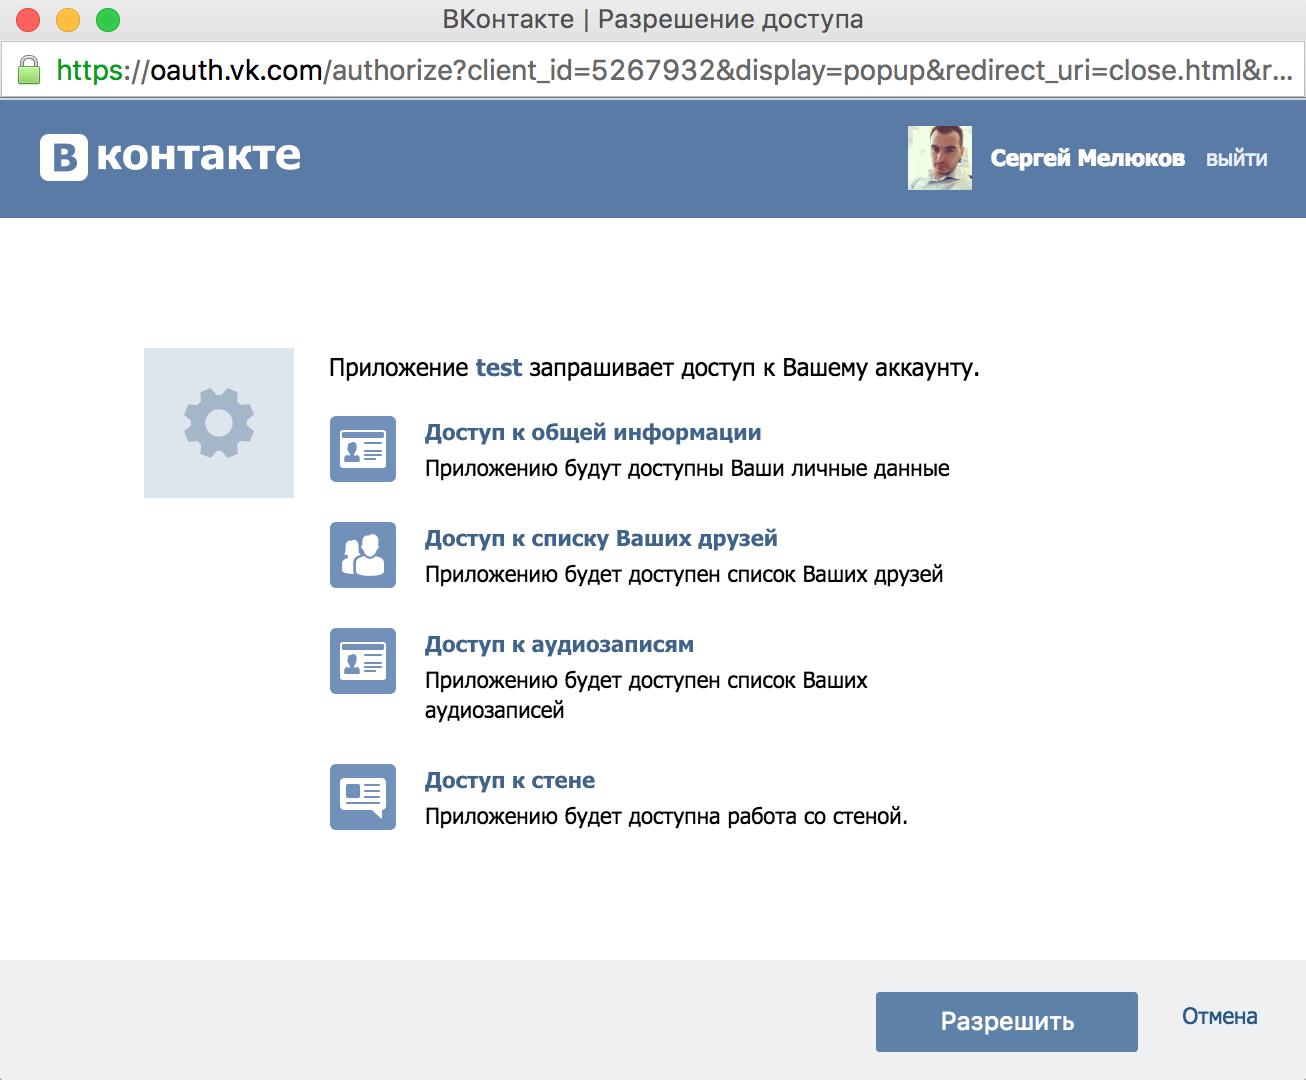 Делаем крутые Single Page Application на basis.js — часть 3. Клиент для «ВКонтакте» - 3